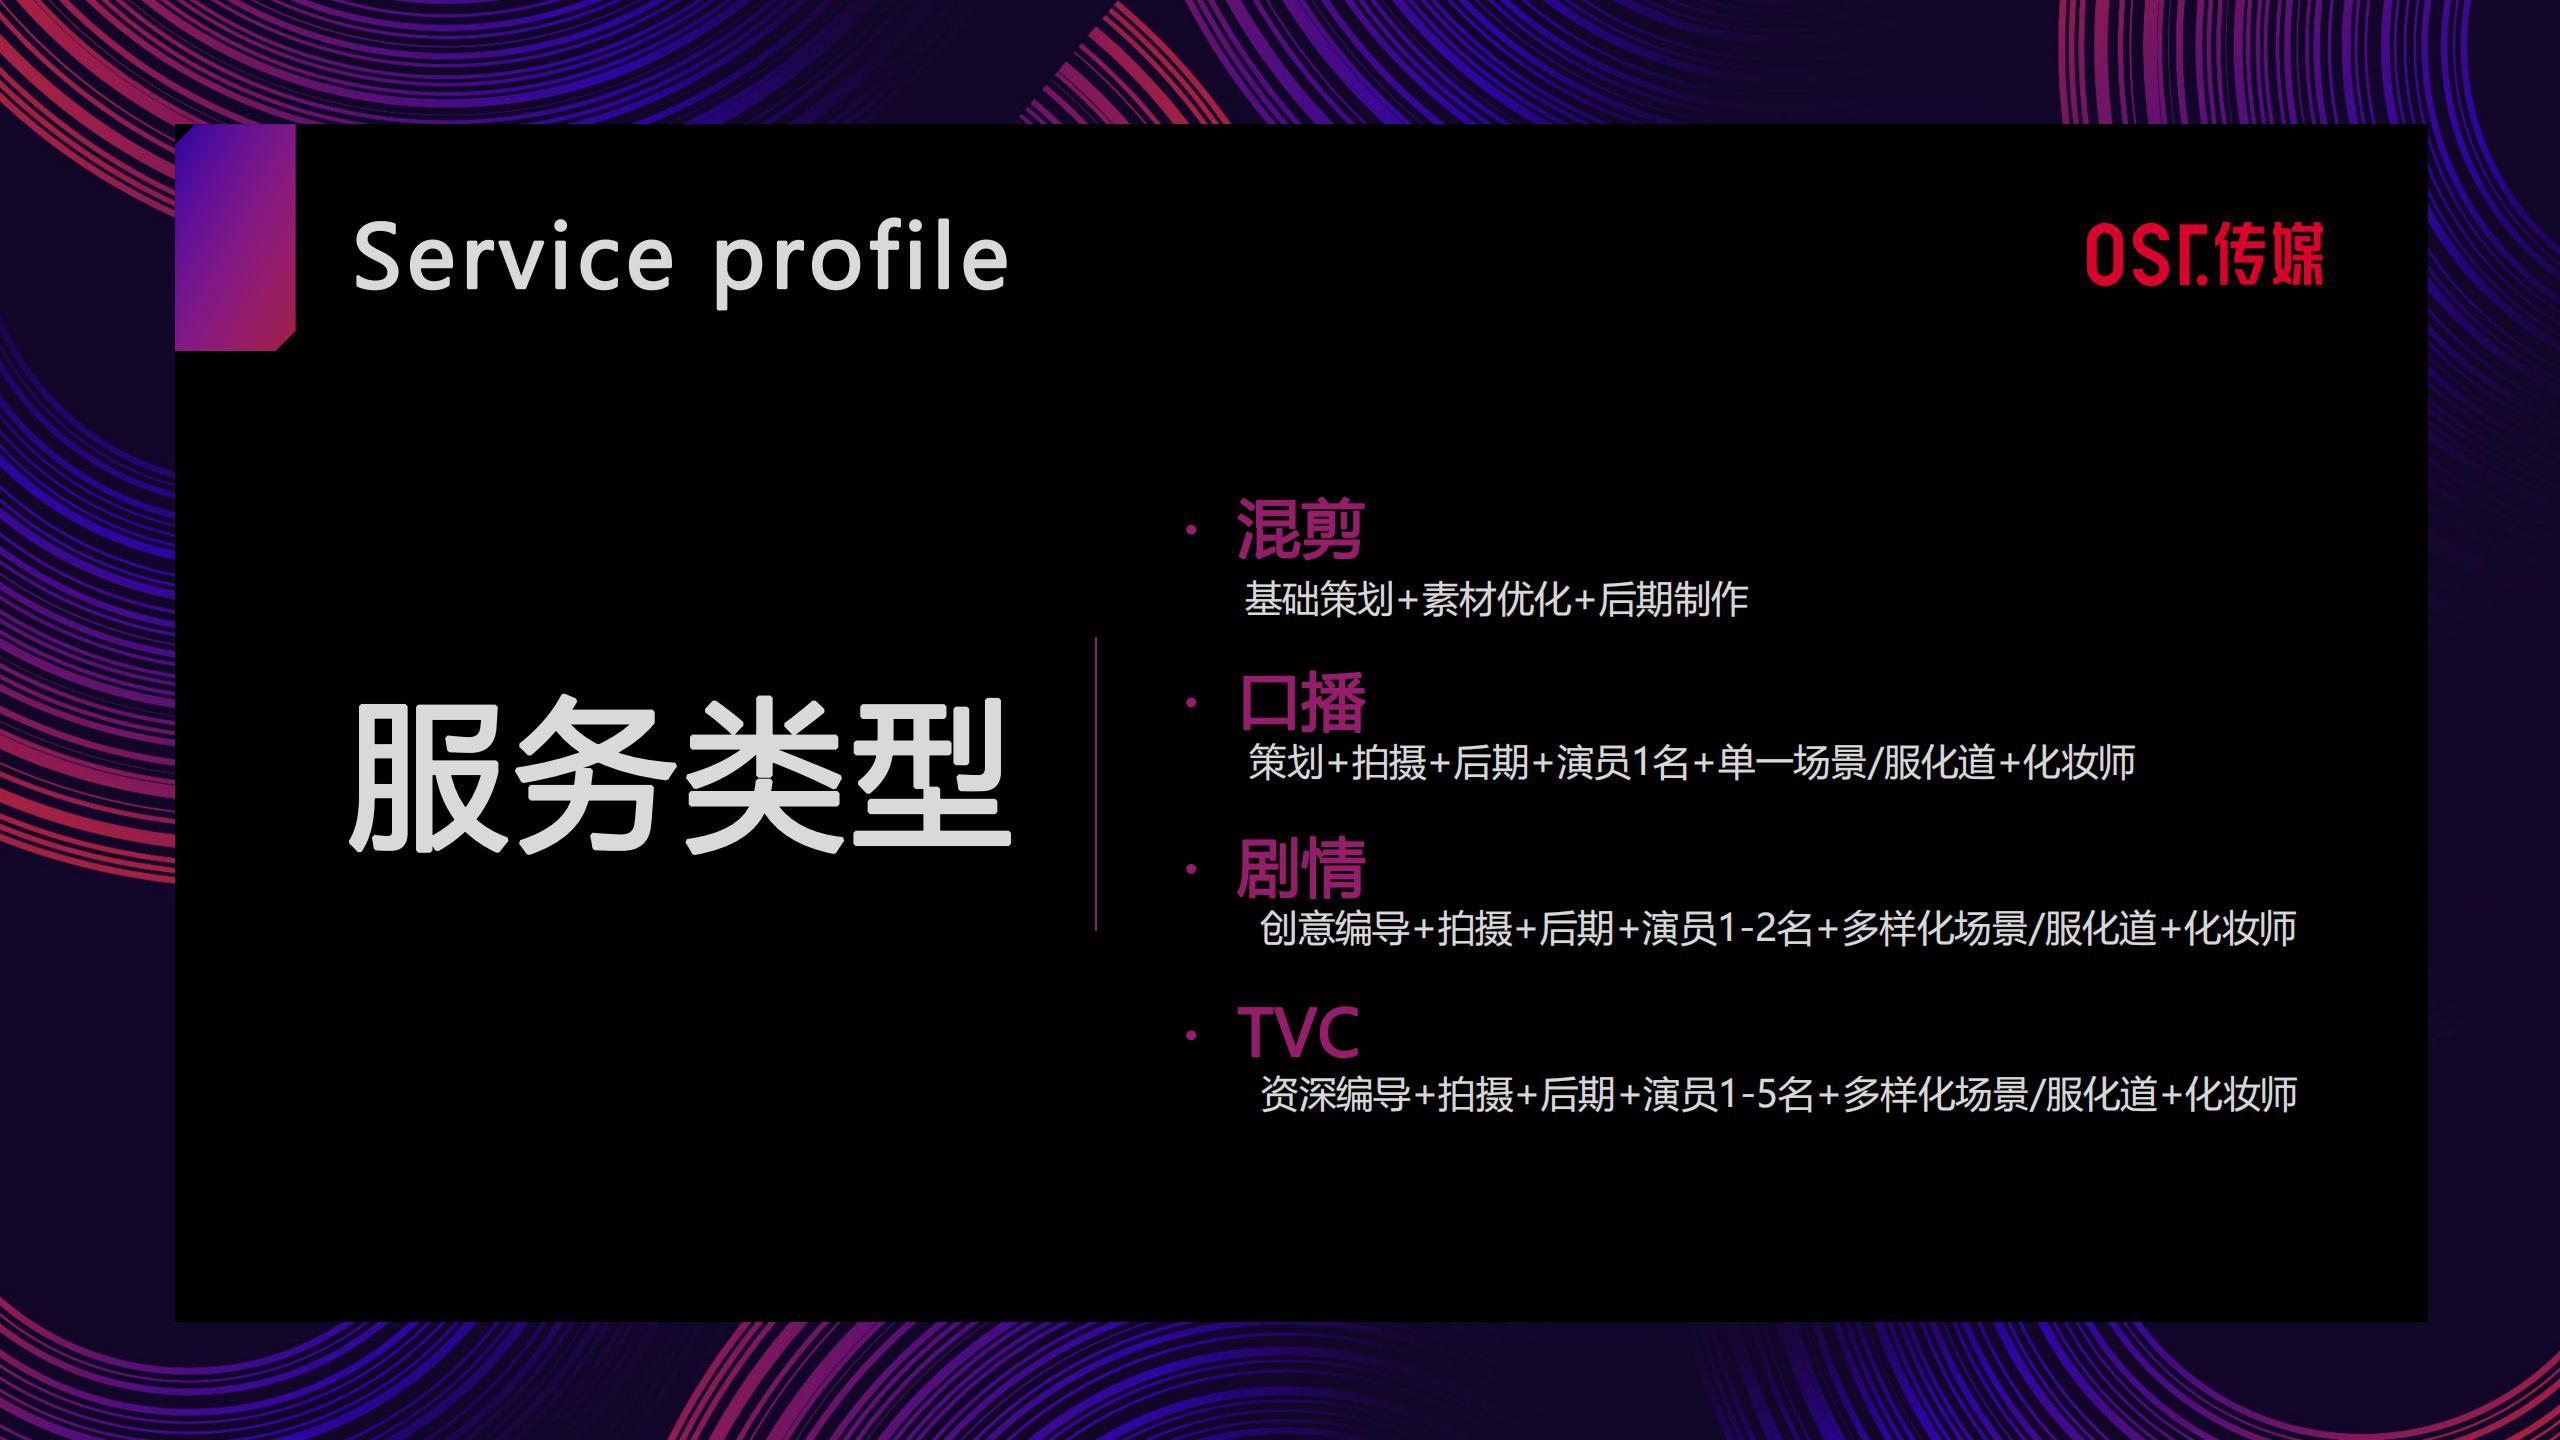 OST传媒短视频服务介绍第11张